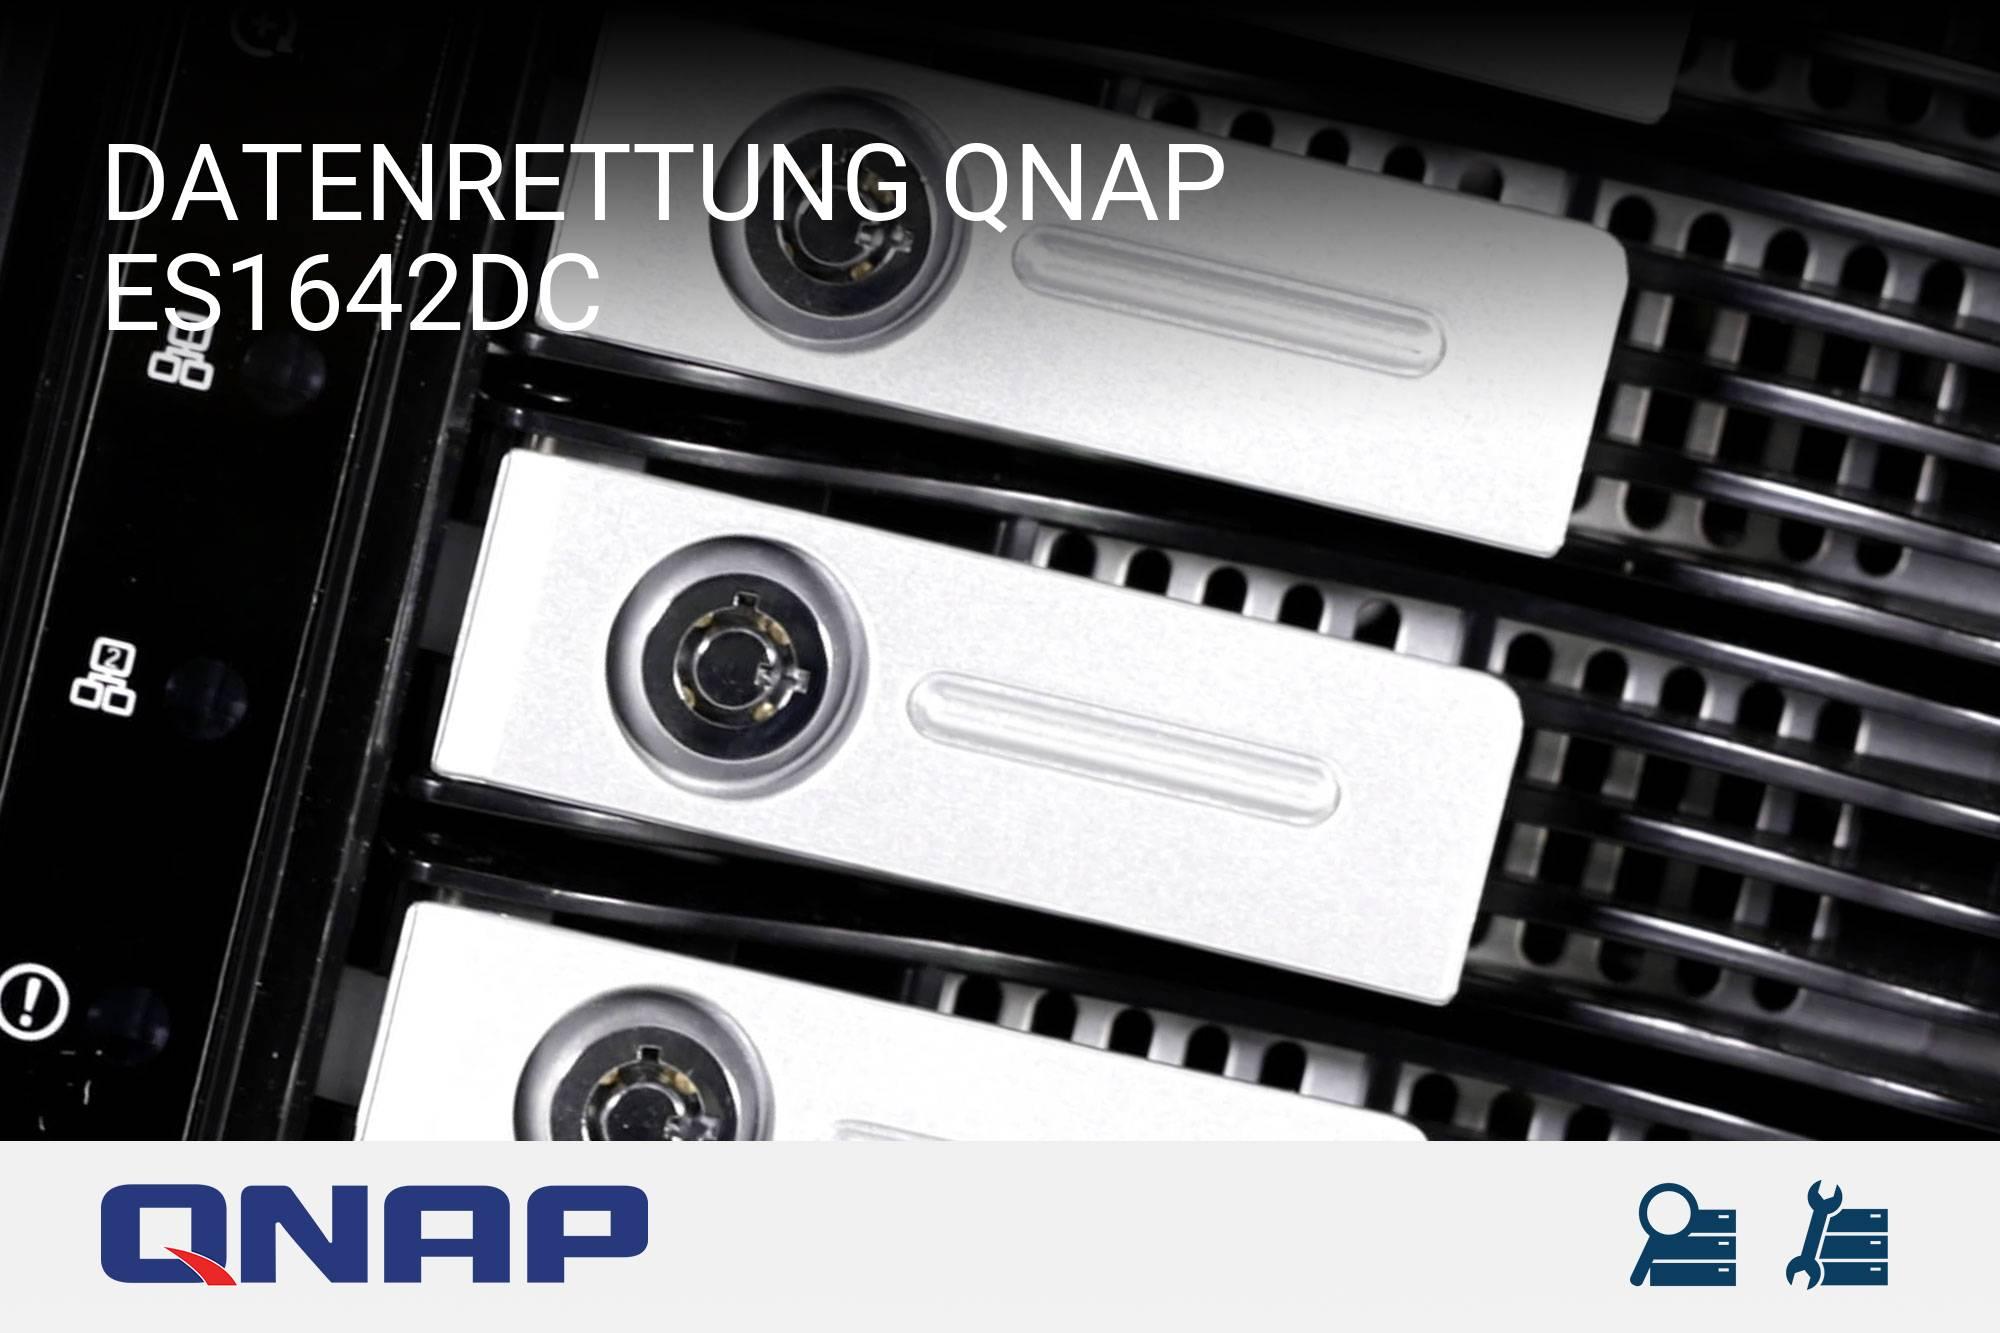 QNAP ES1642dc